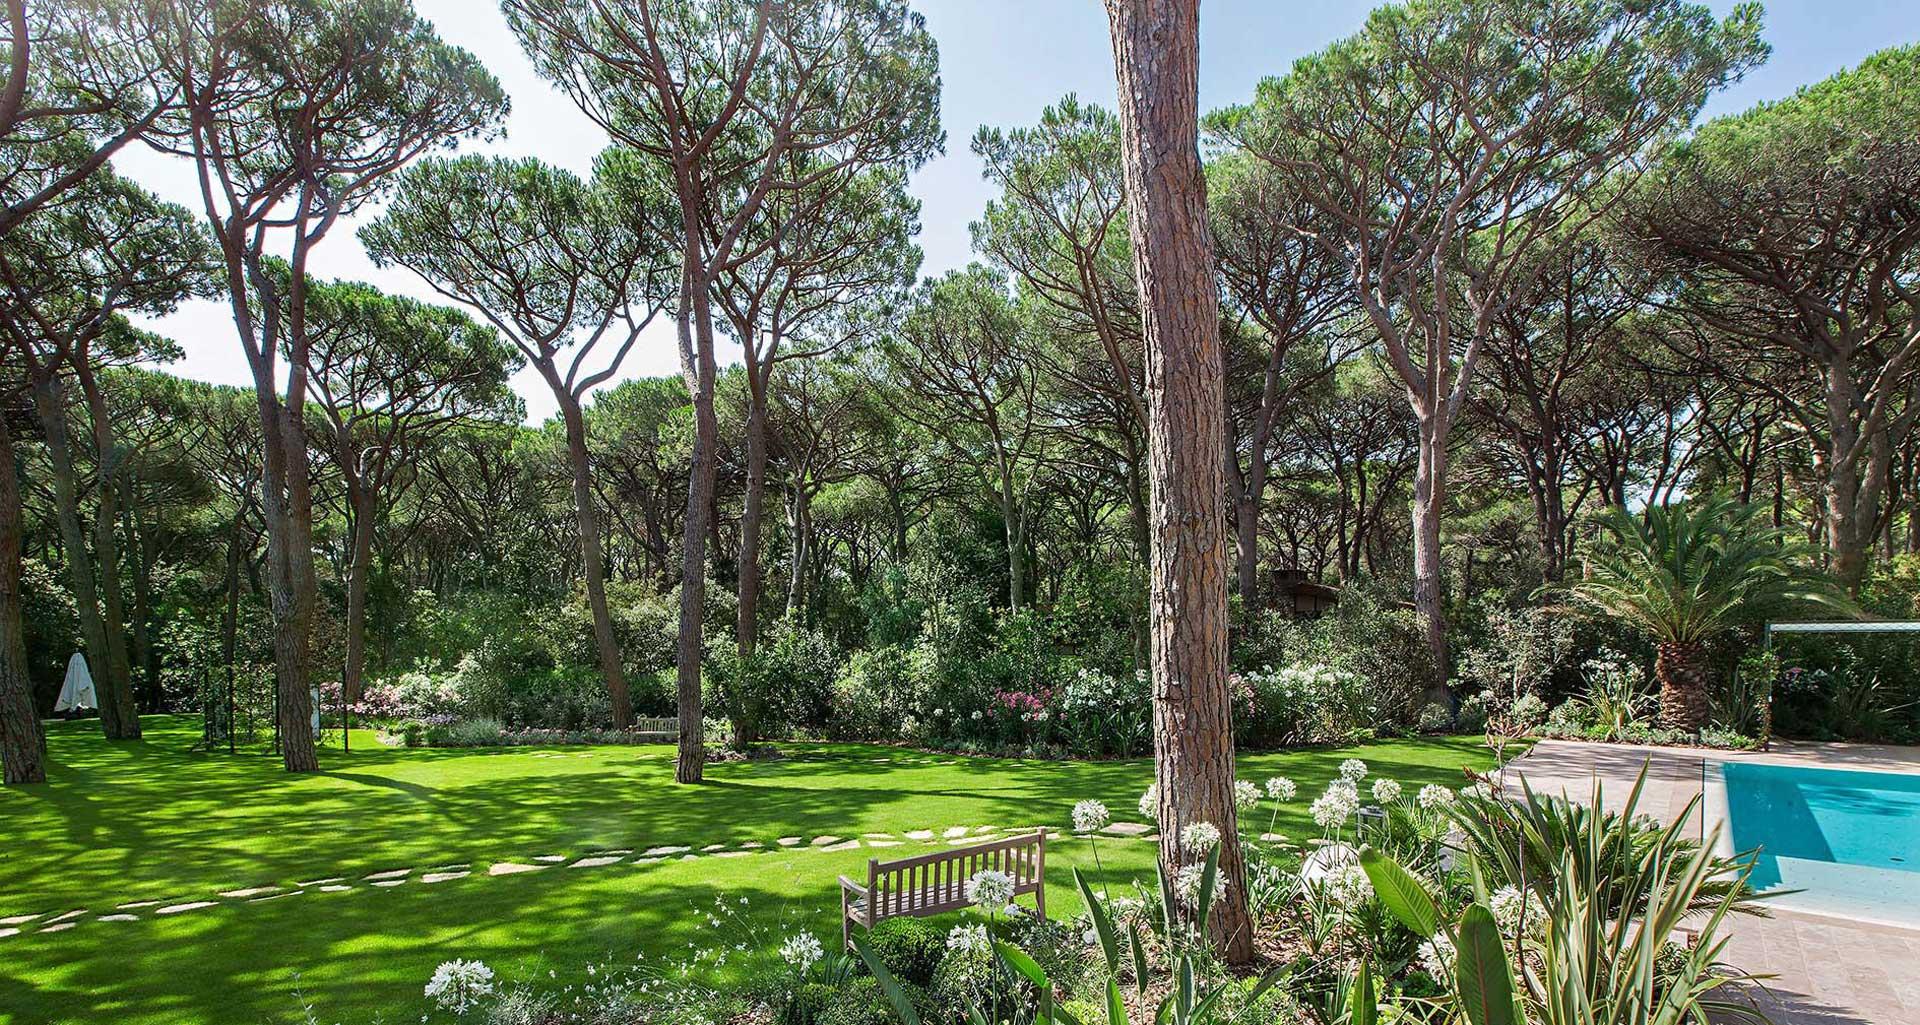 Restauro giardino storico in centro citt sandrini green for Progettazione giardini cremona